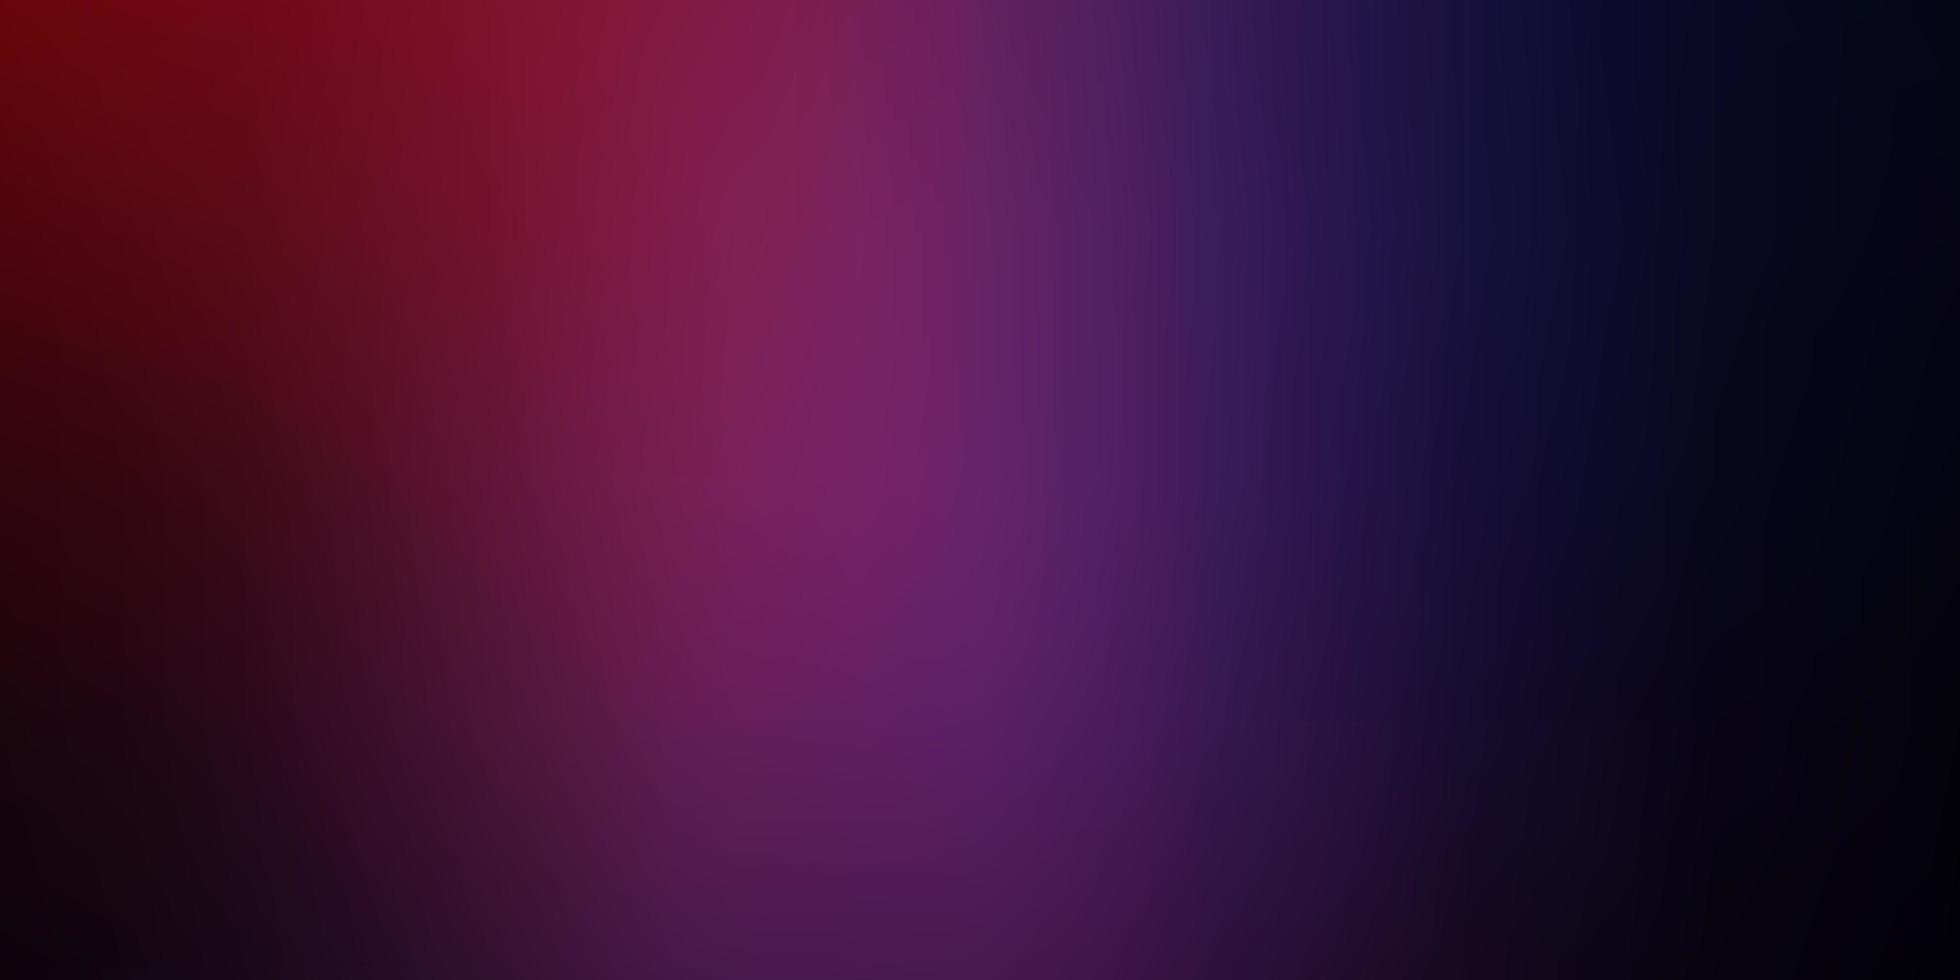 patrón borroso inteligente vector púrpura oscuro.